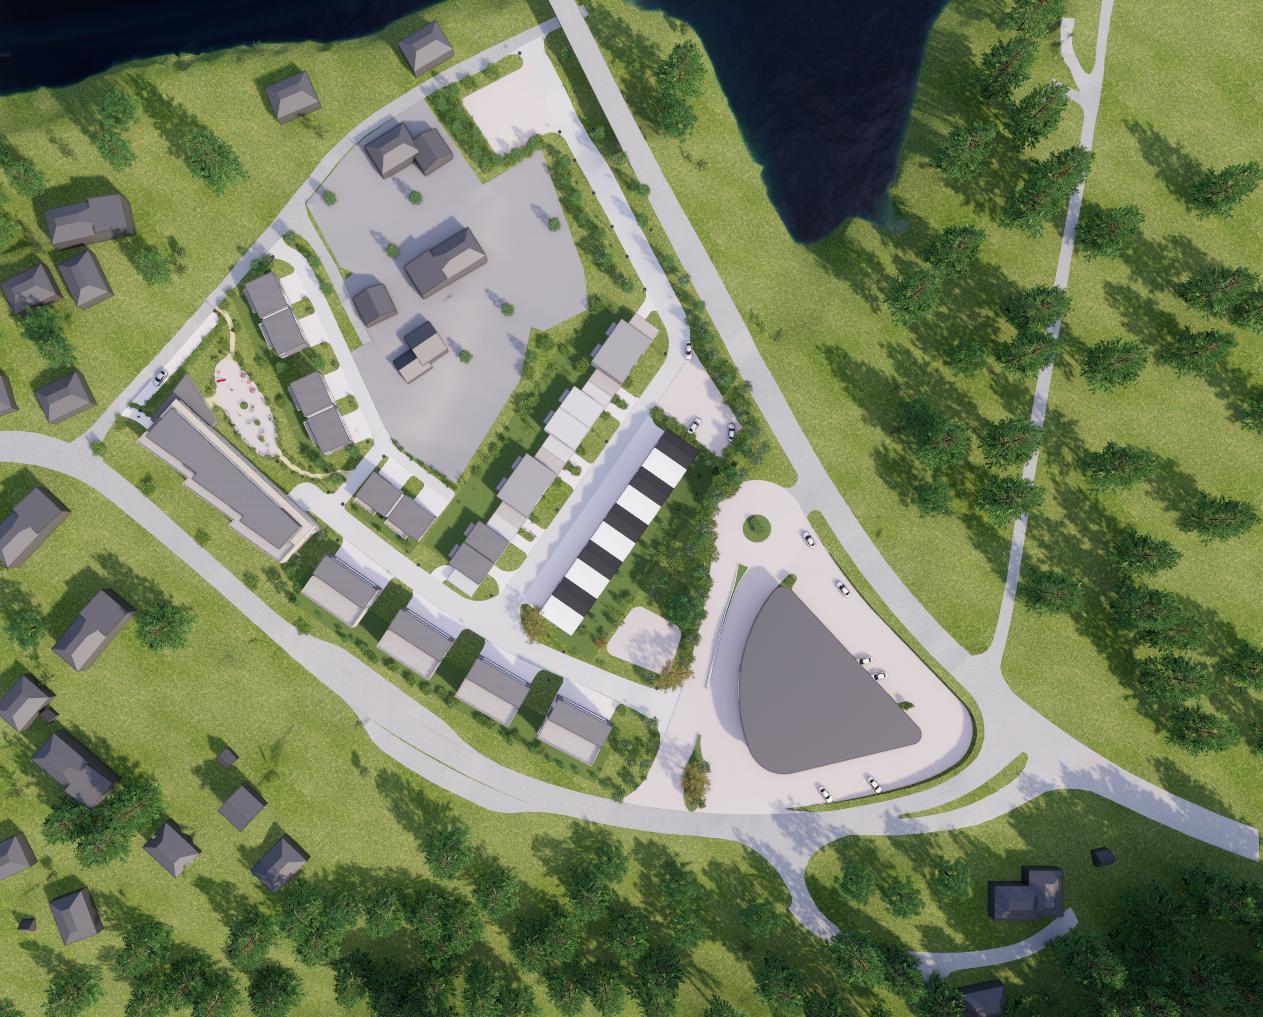 Lunde boligutvikling - Point Design